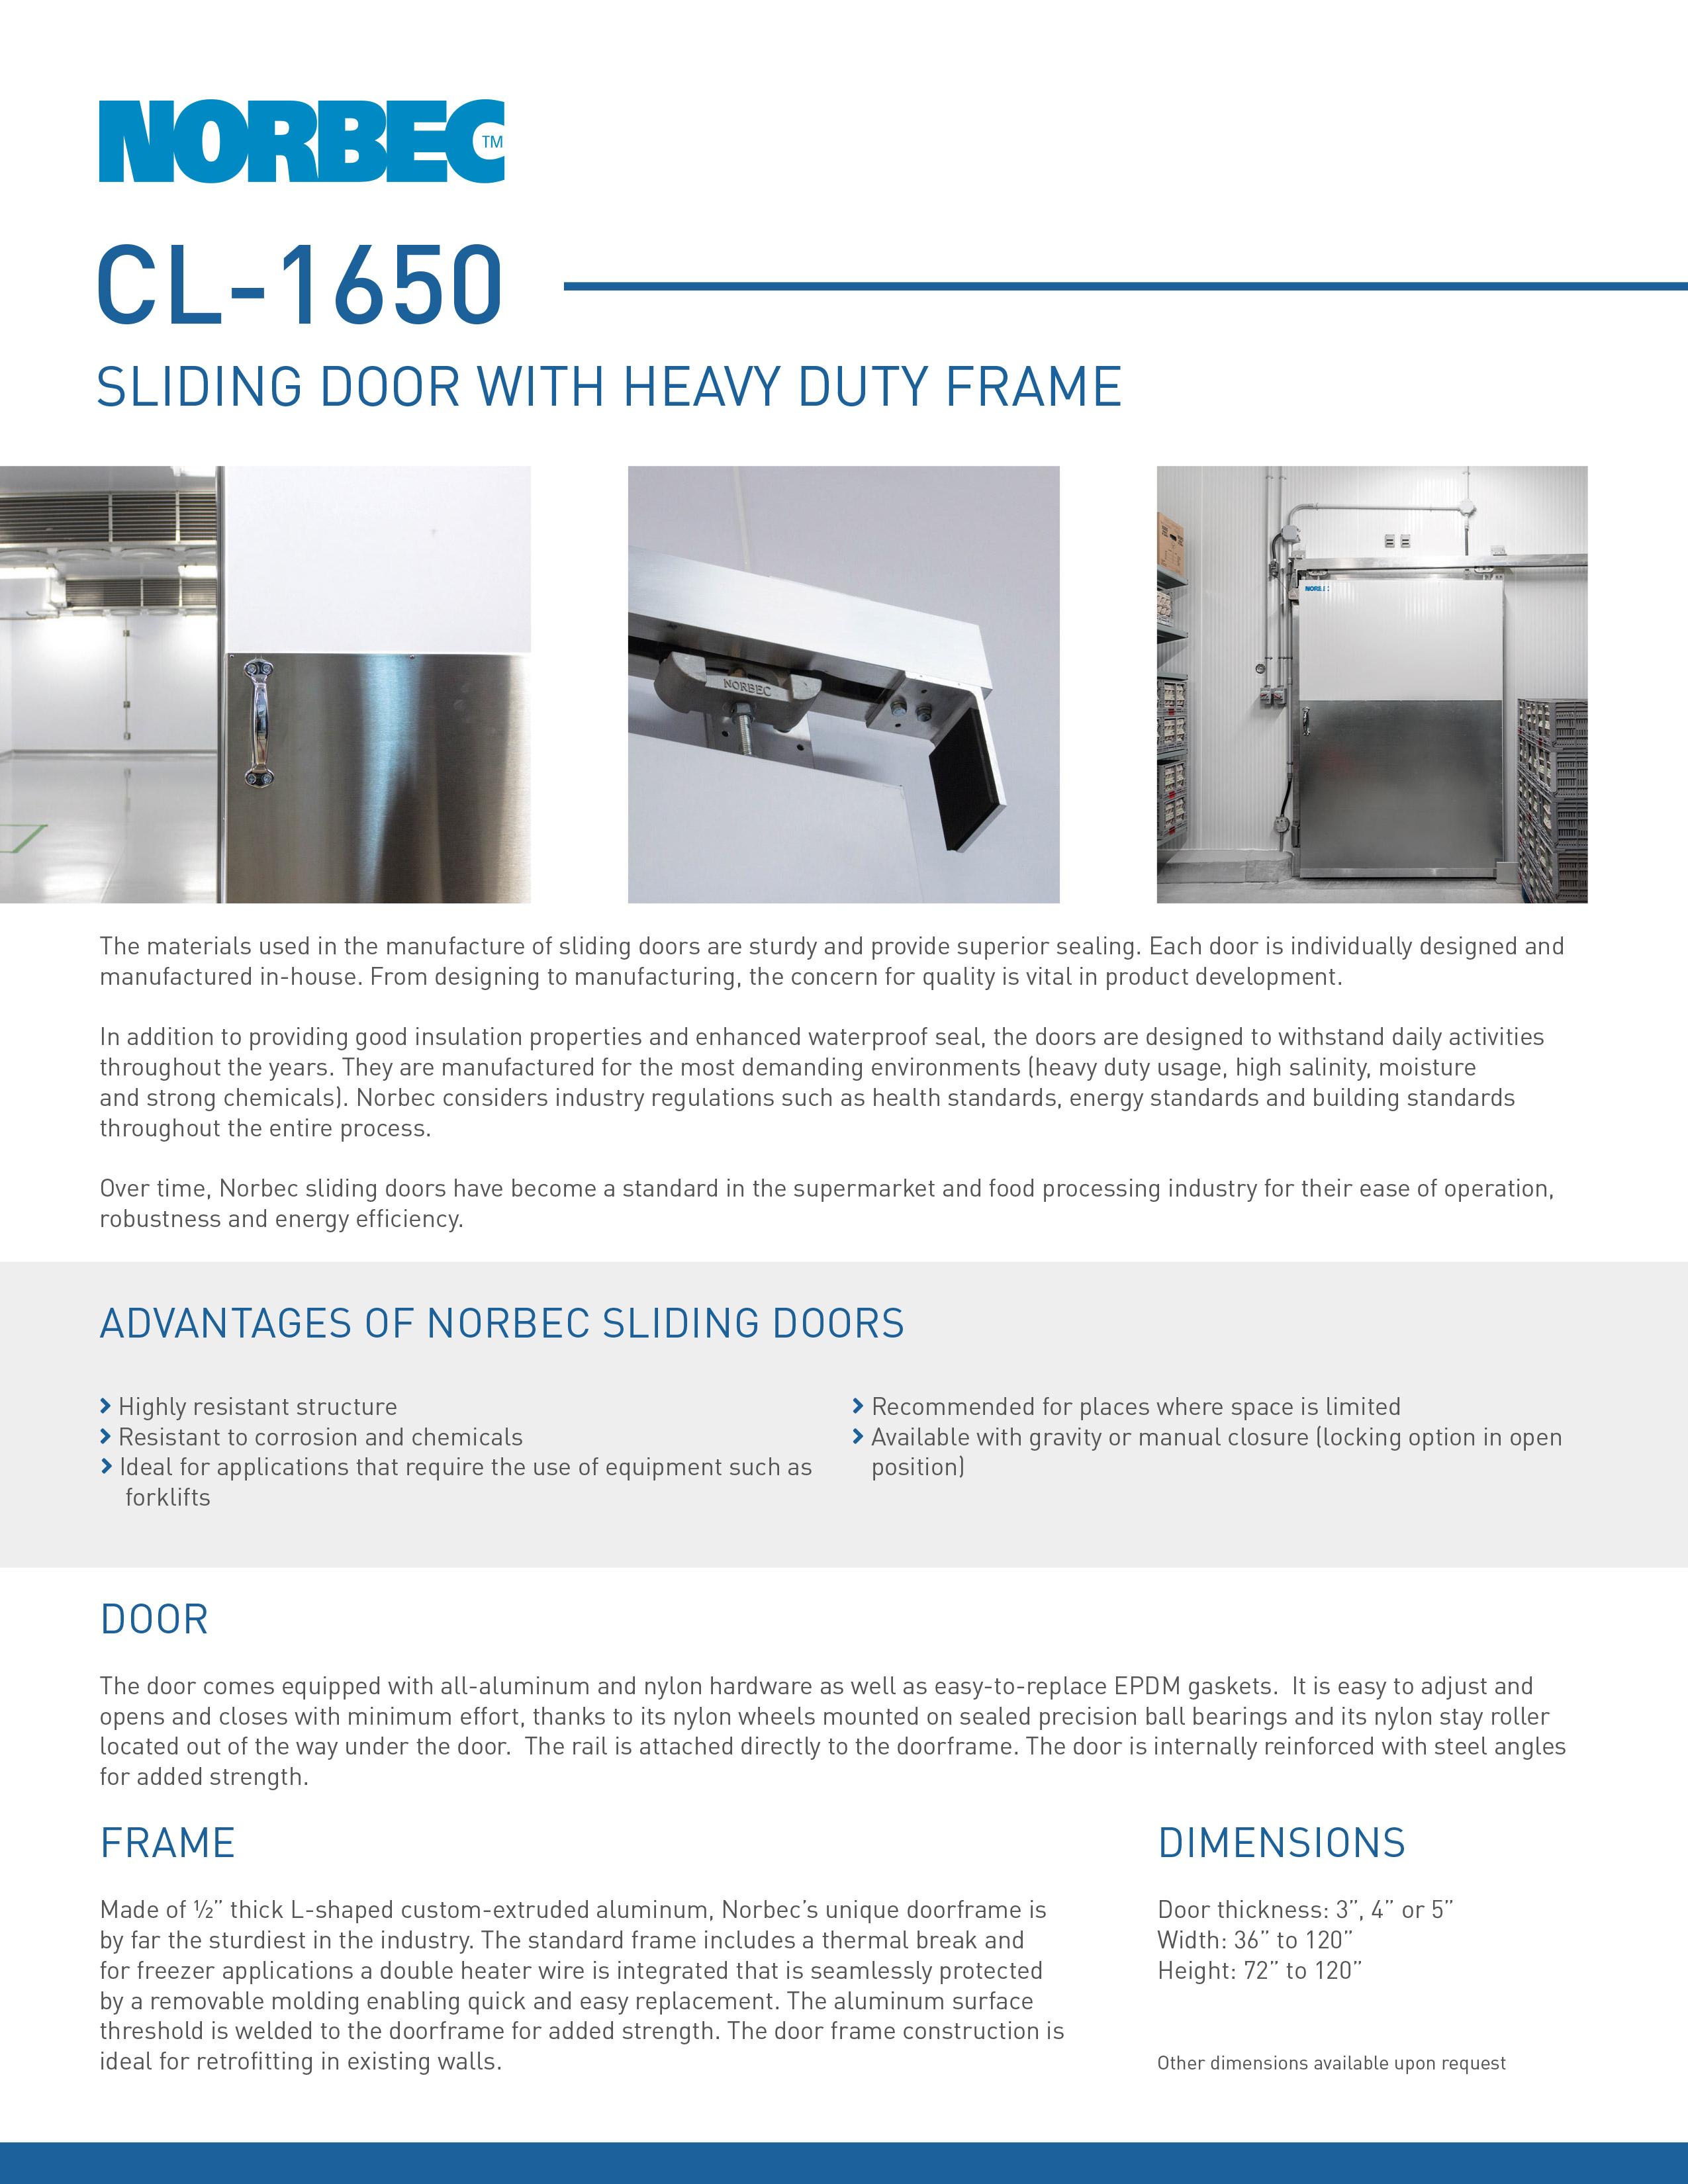 Door Technical Sheet CL-1650 - Norbec